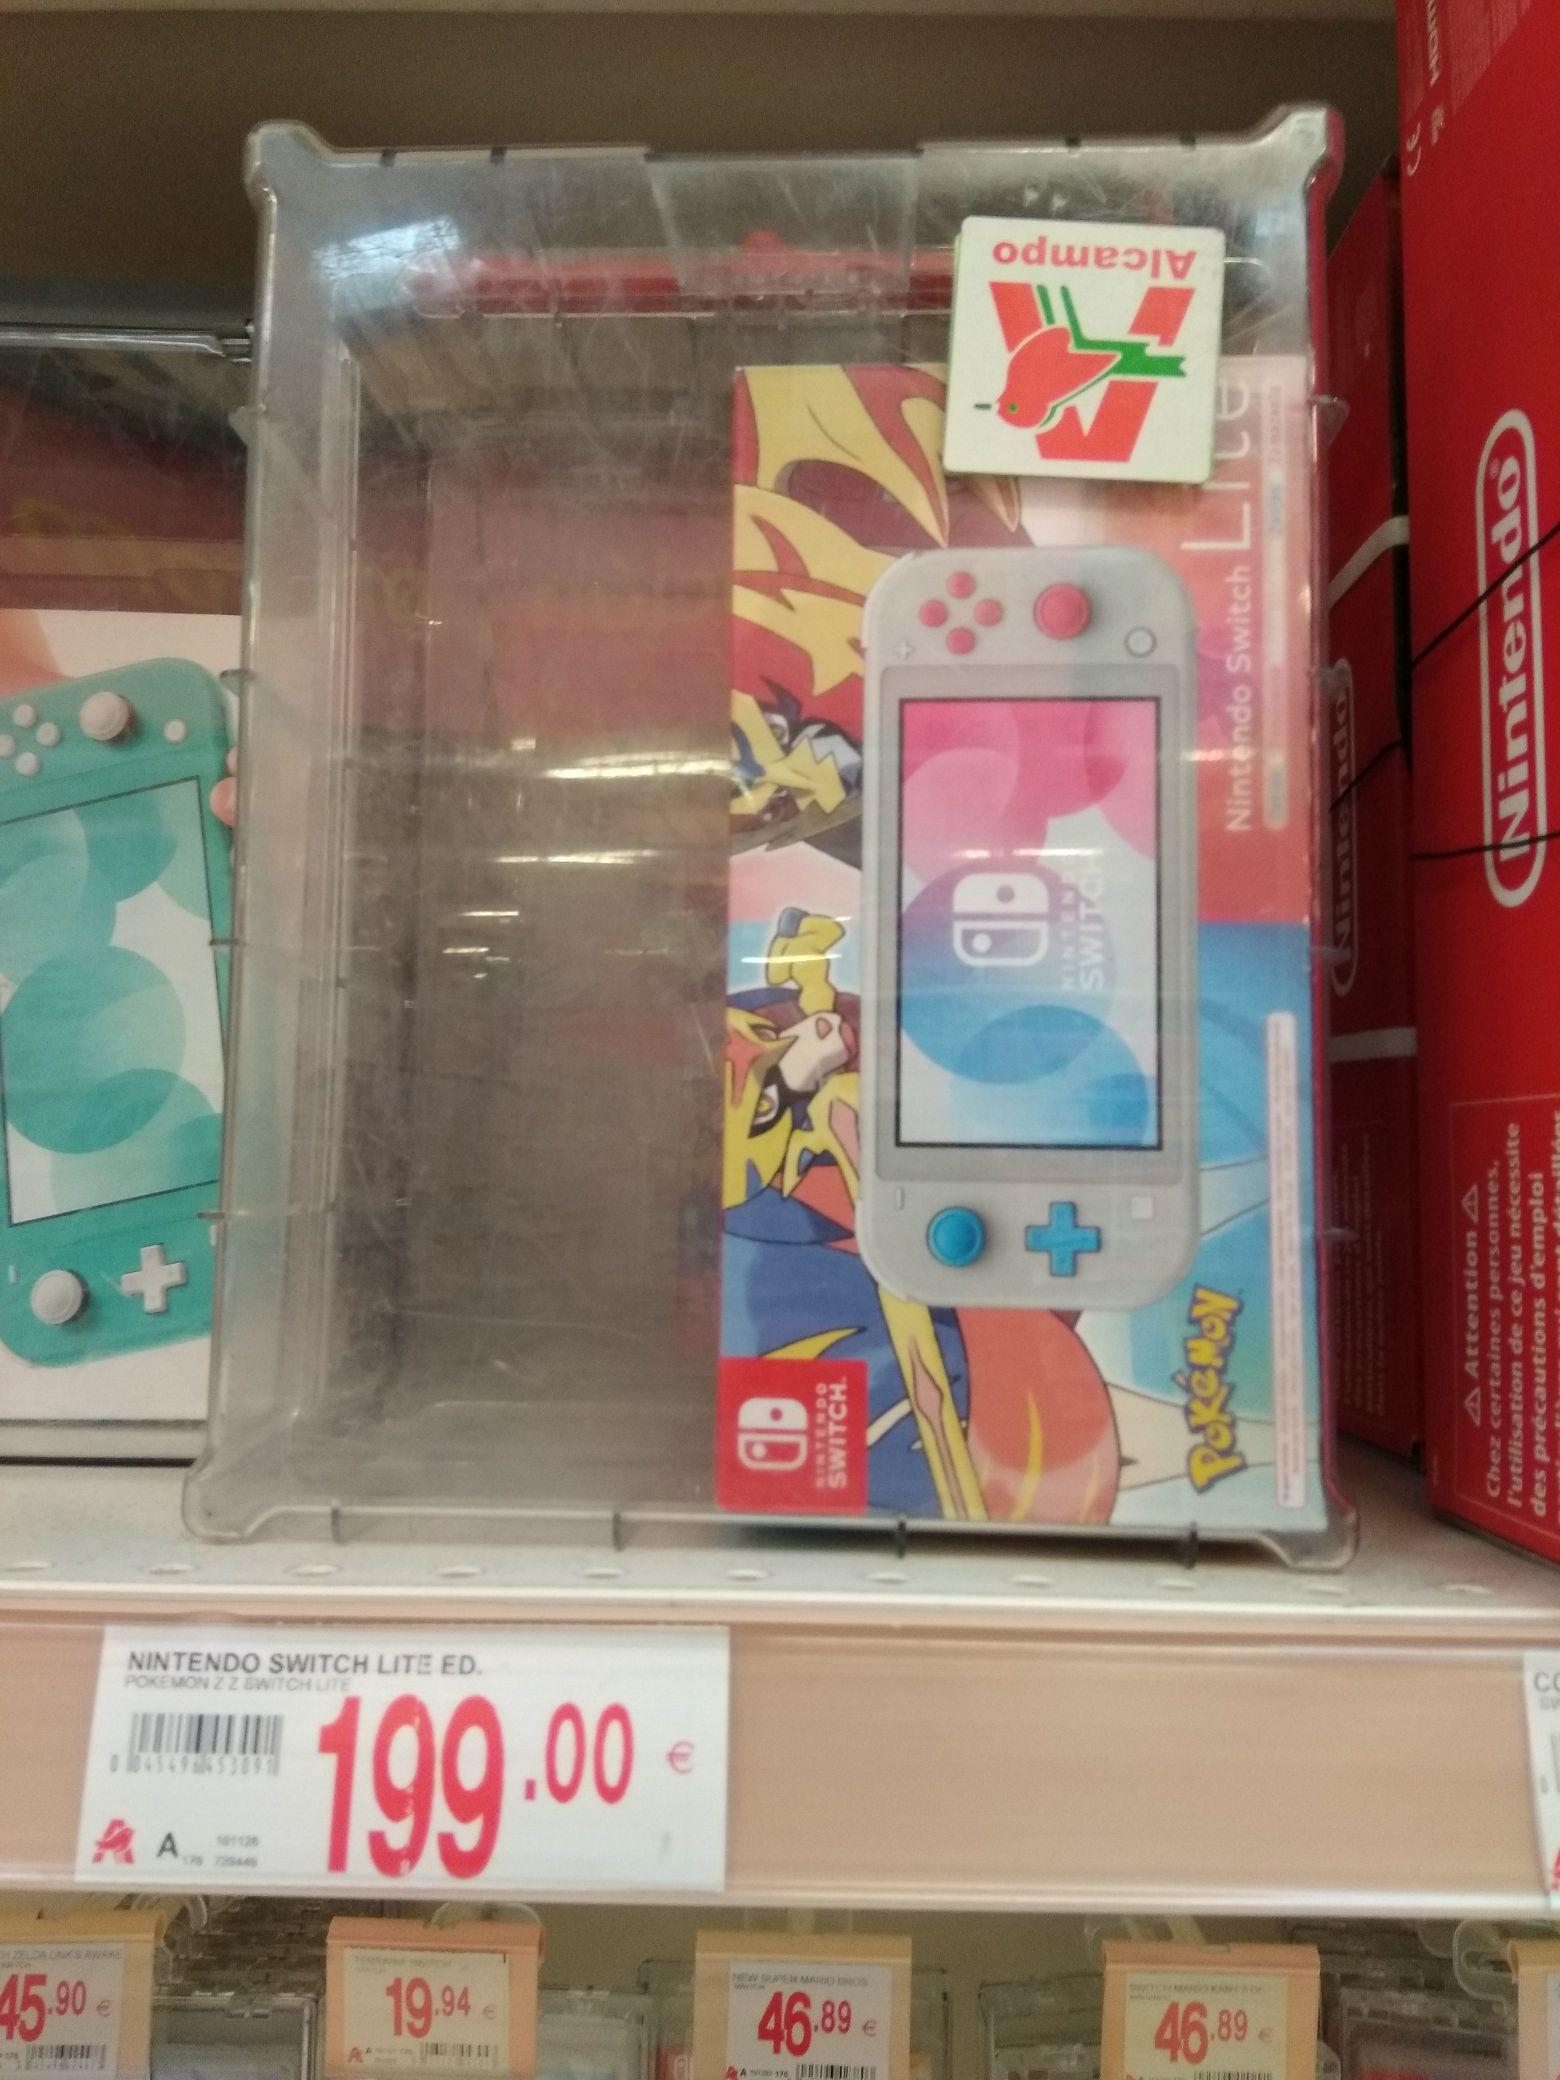 Nintendo Switch Lite edición Zacian y Zamazenta (Alcampo Sanlúcar de Barrameda)